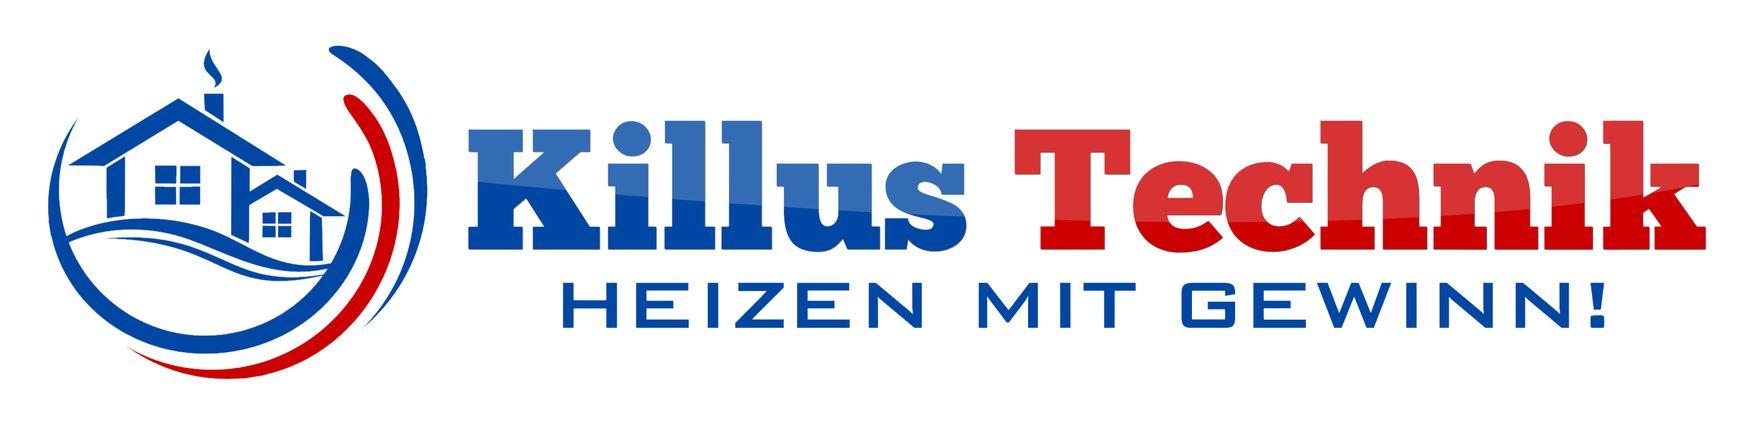 Alles rund um Ihre Heizung! Killus-Technik.de